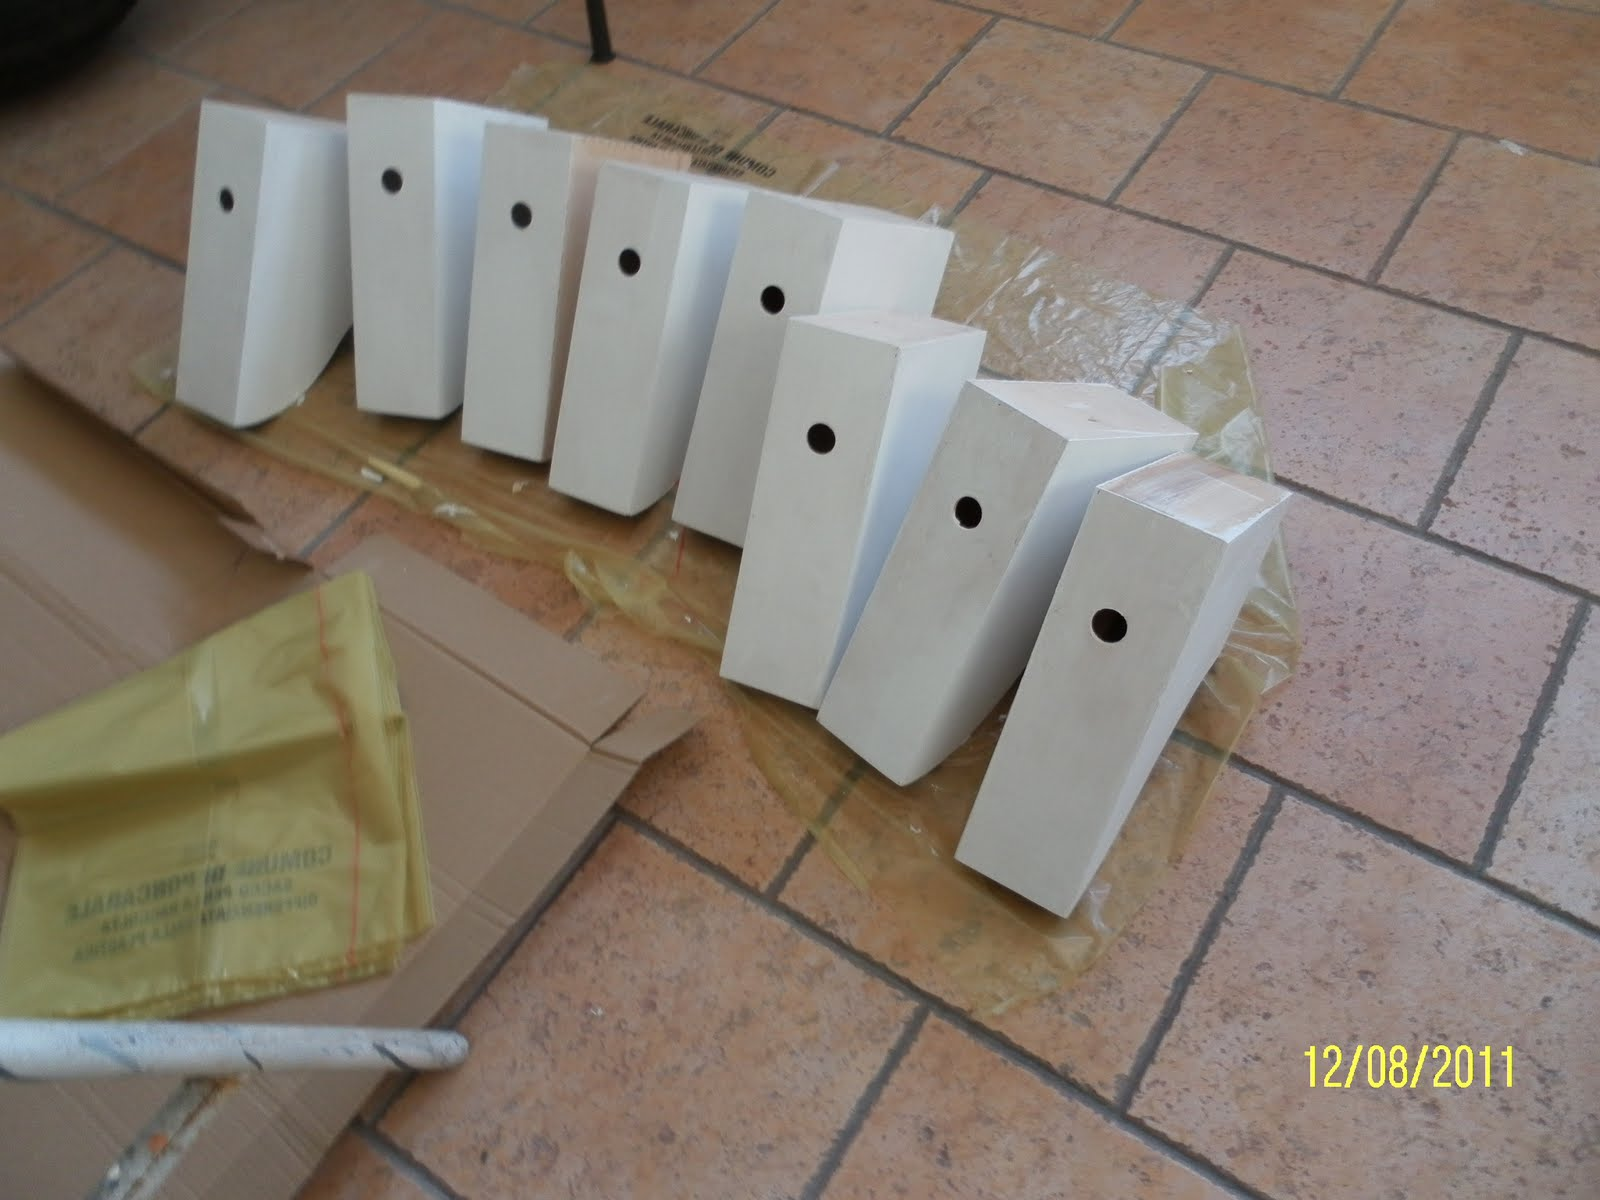 Le idee di pizzipazzi pitturare casa e non solo - Pitturare la casa ...